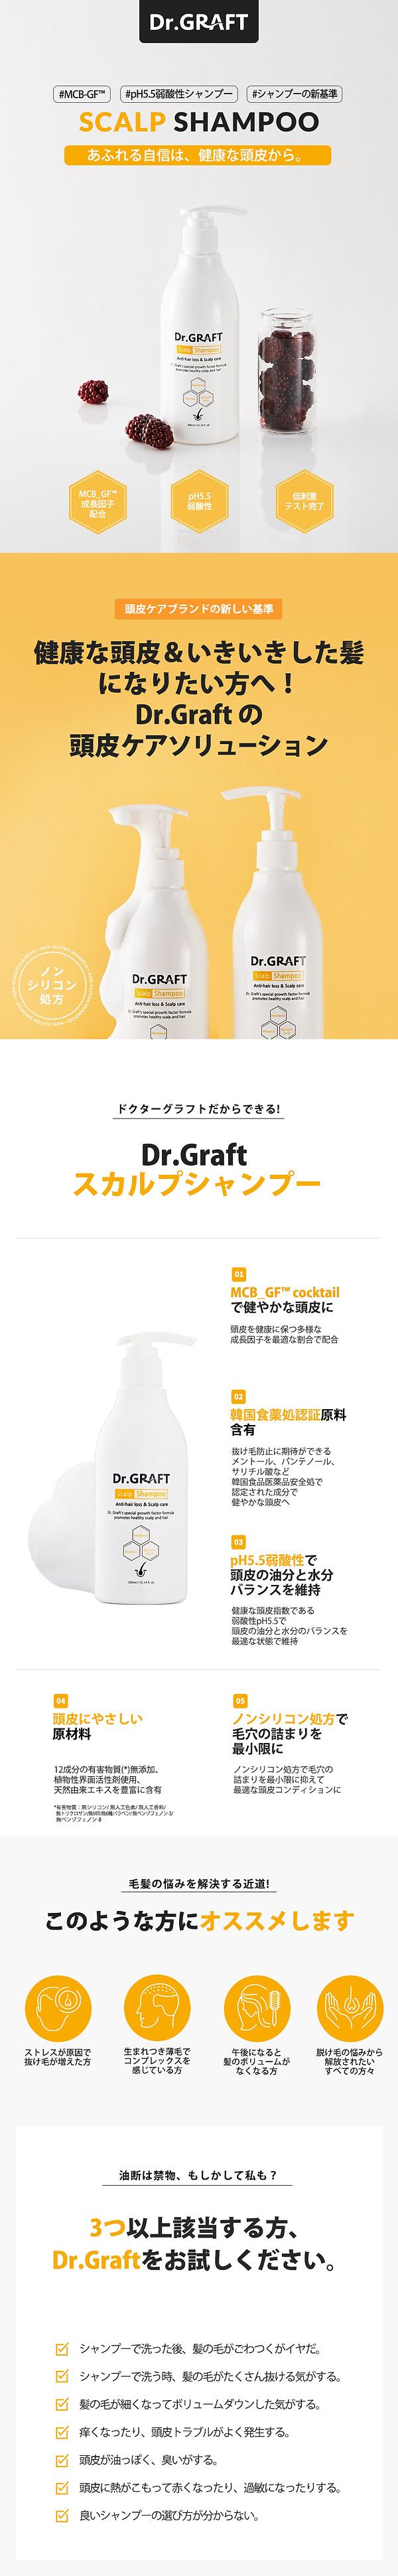 01_jp_scalp_shampoo修正.jpg